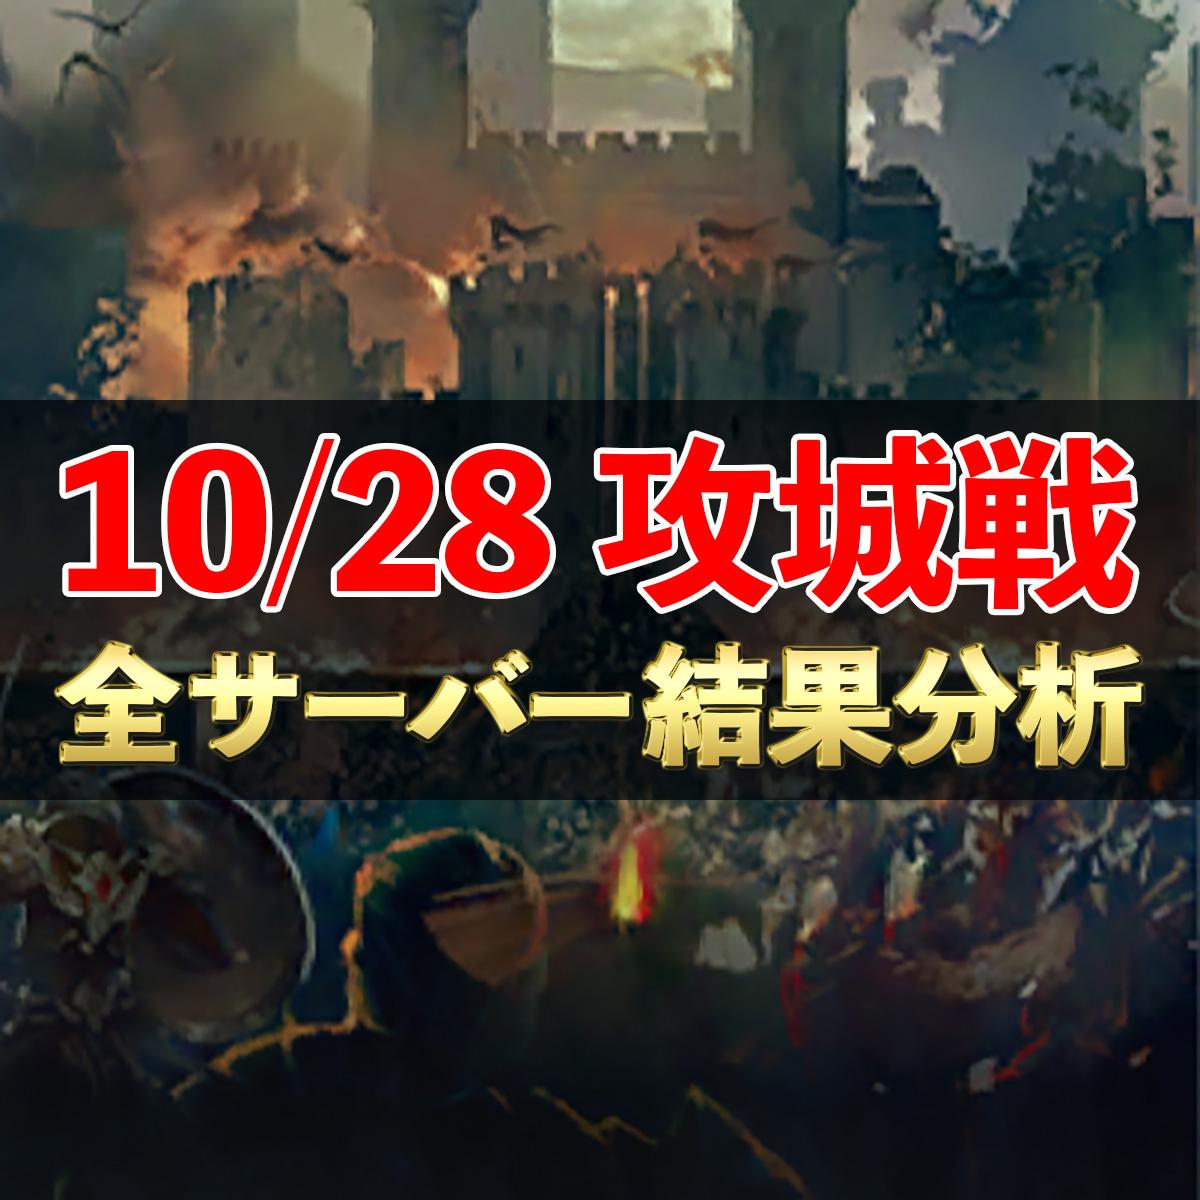 10/28 全サーバーの攻城戦結果の分析と考察